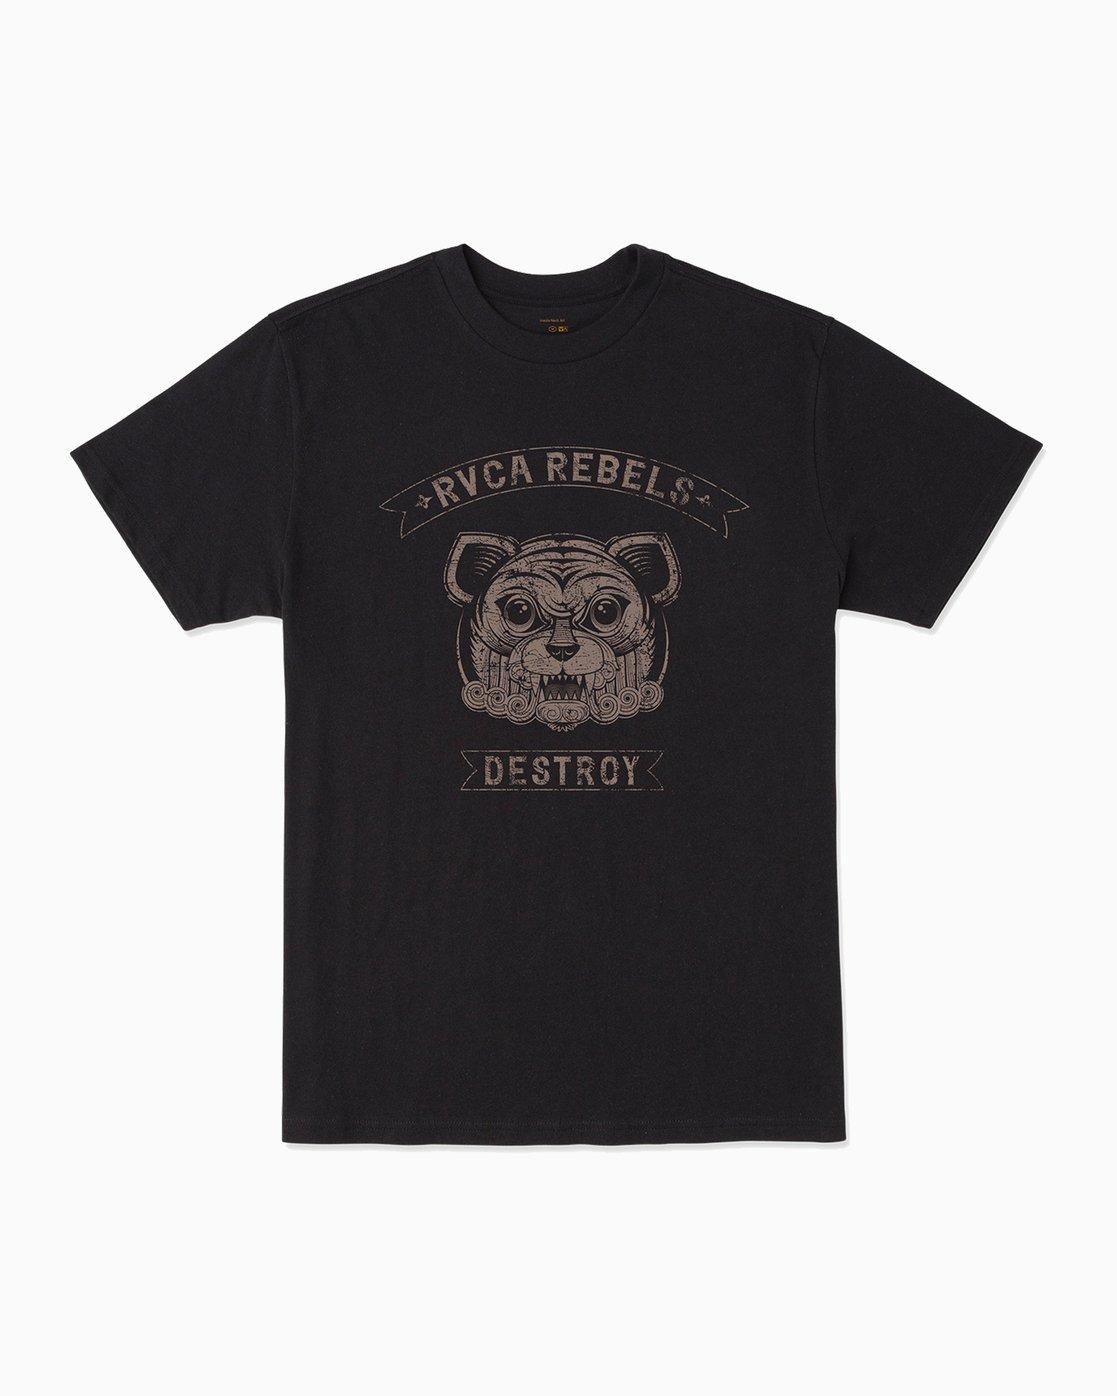 0 George Thompson RVCA Rebels T-Shirt  M401301R RVCA